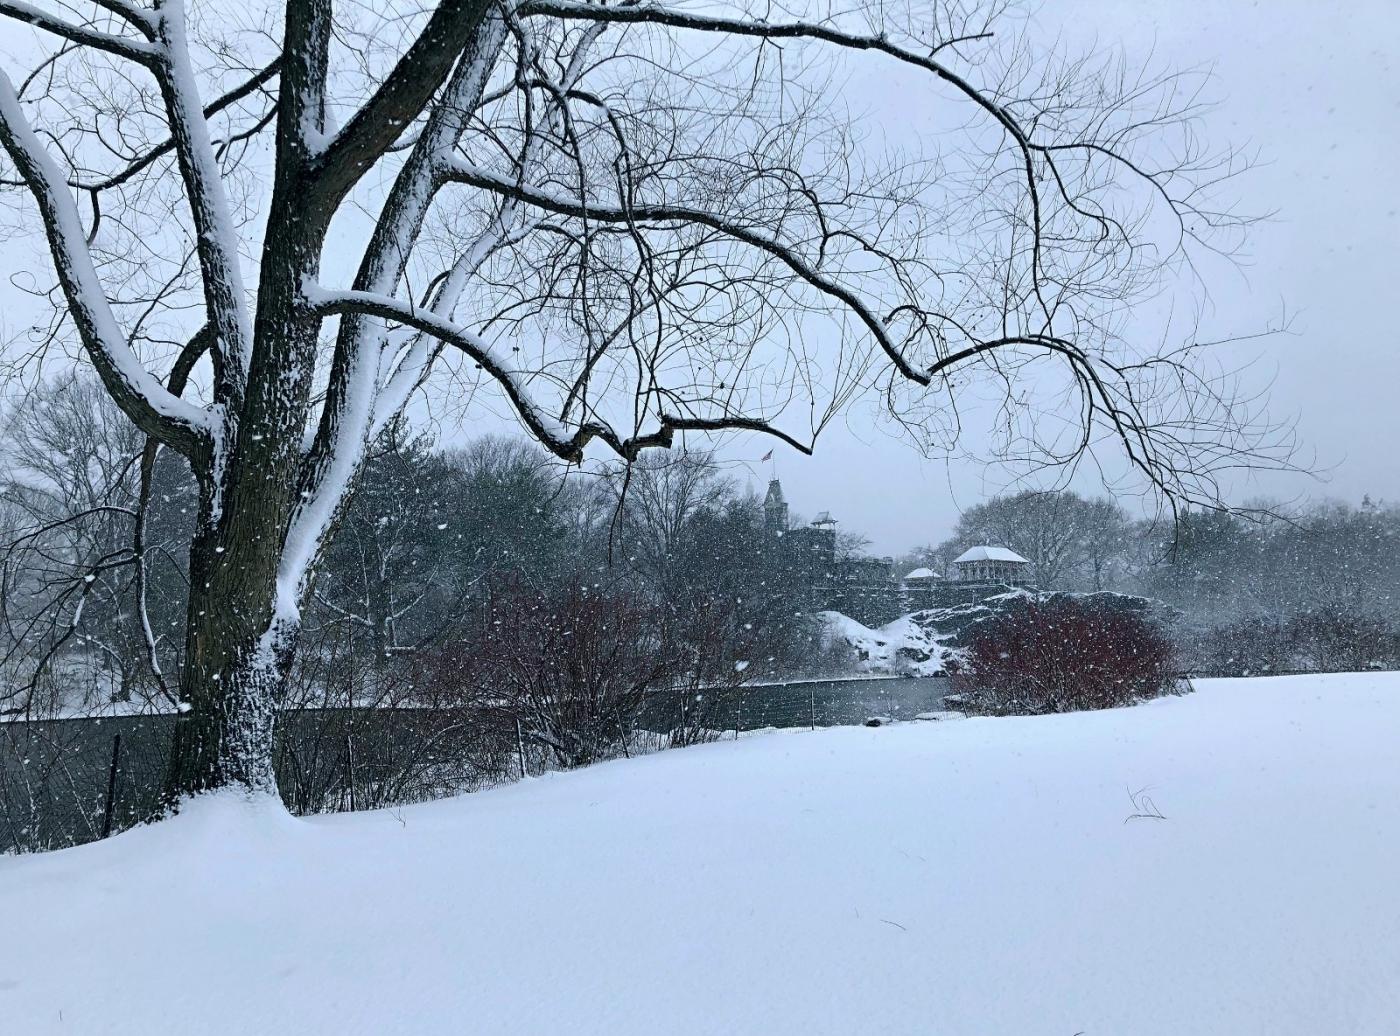 【田螺手机摄影】在纽约市拍雪景、还是中央公园最漂亮_图1-5